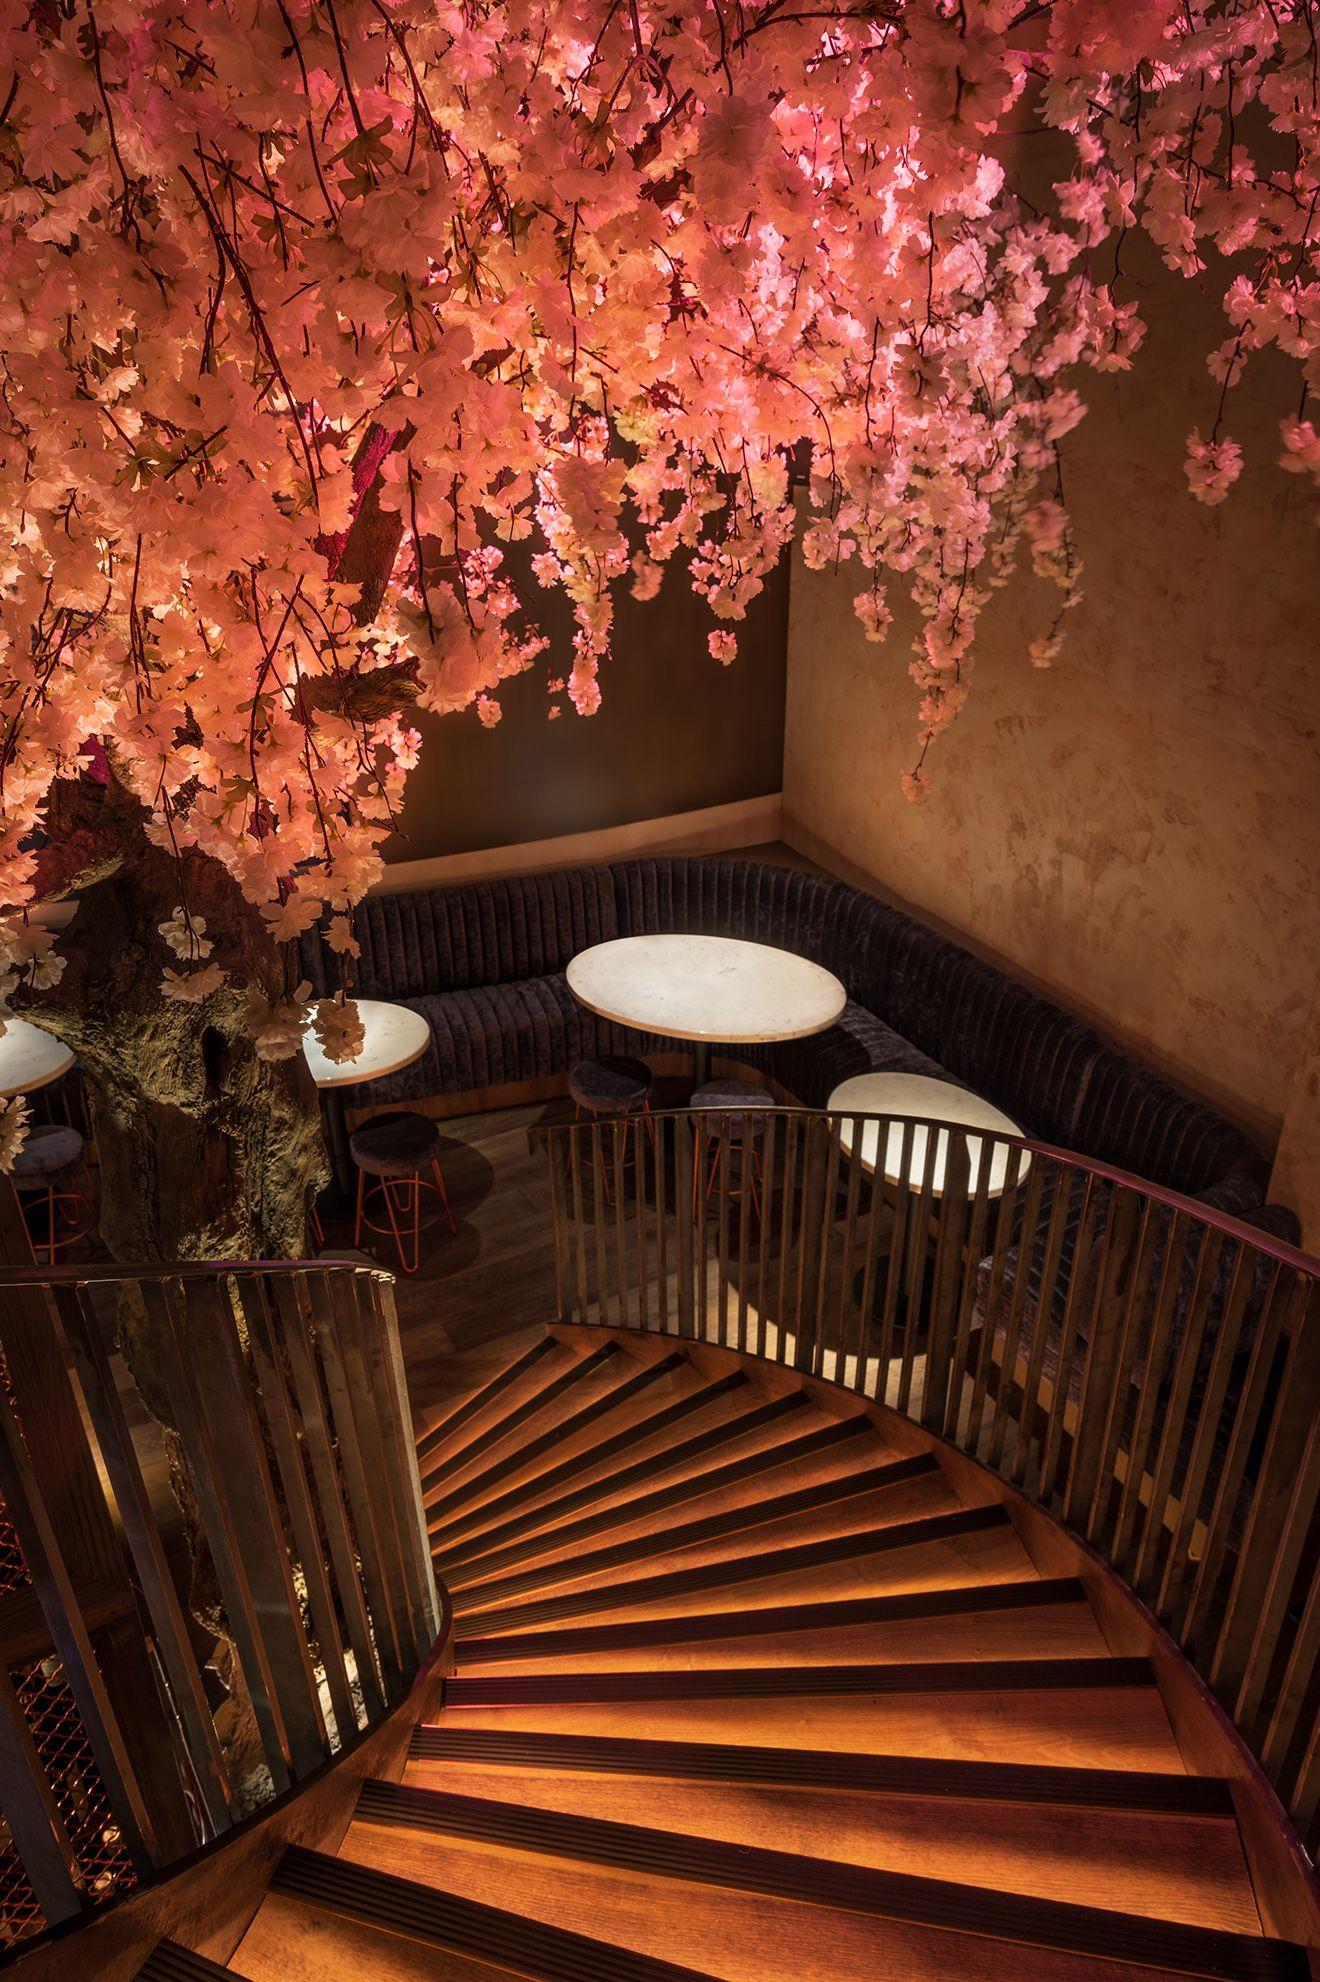 Kym S Michaelis Boyd Design Martyn White London Restaurant Interior Design Restaurant Design Asian Interior Design